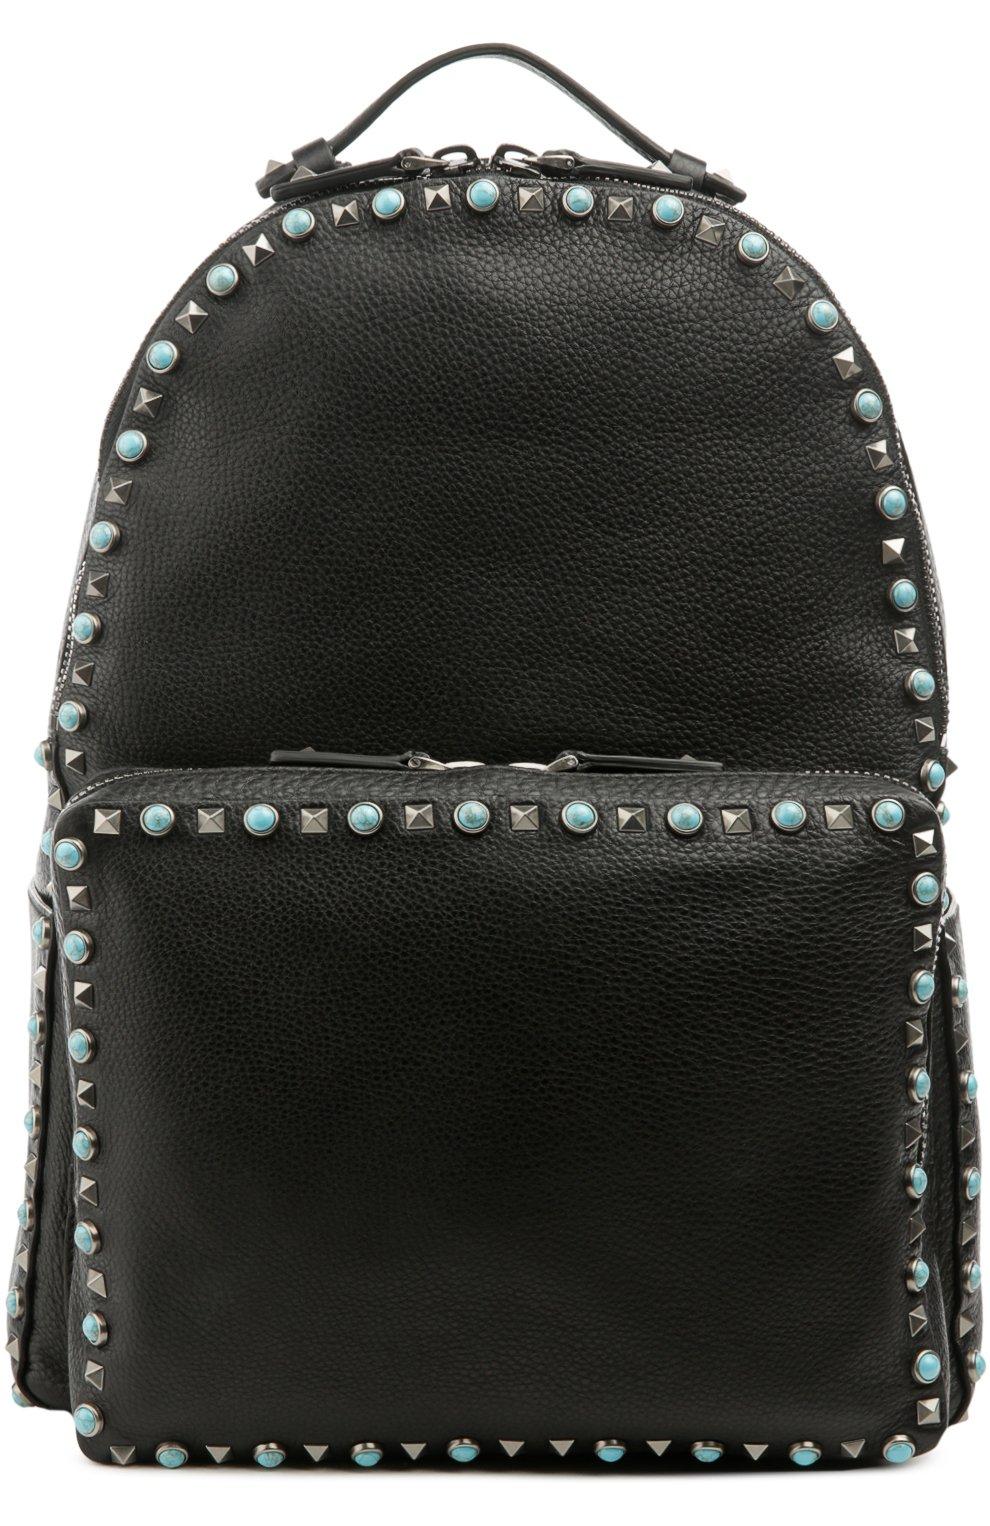 Мужской черный кожаный рюкзак valentino garavani с металлической ... 0a0cc48cfb7